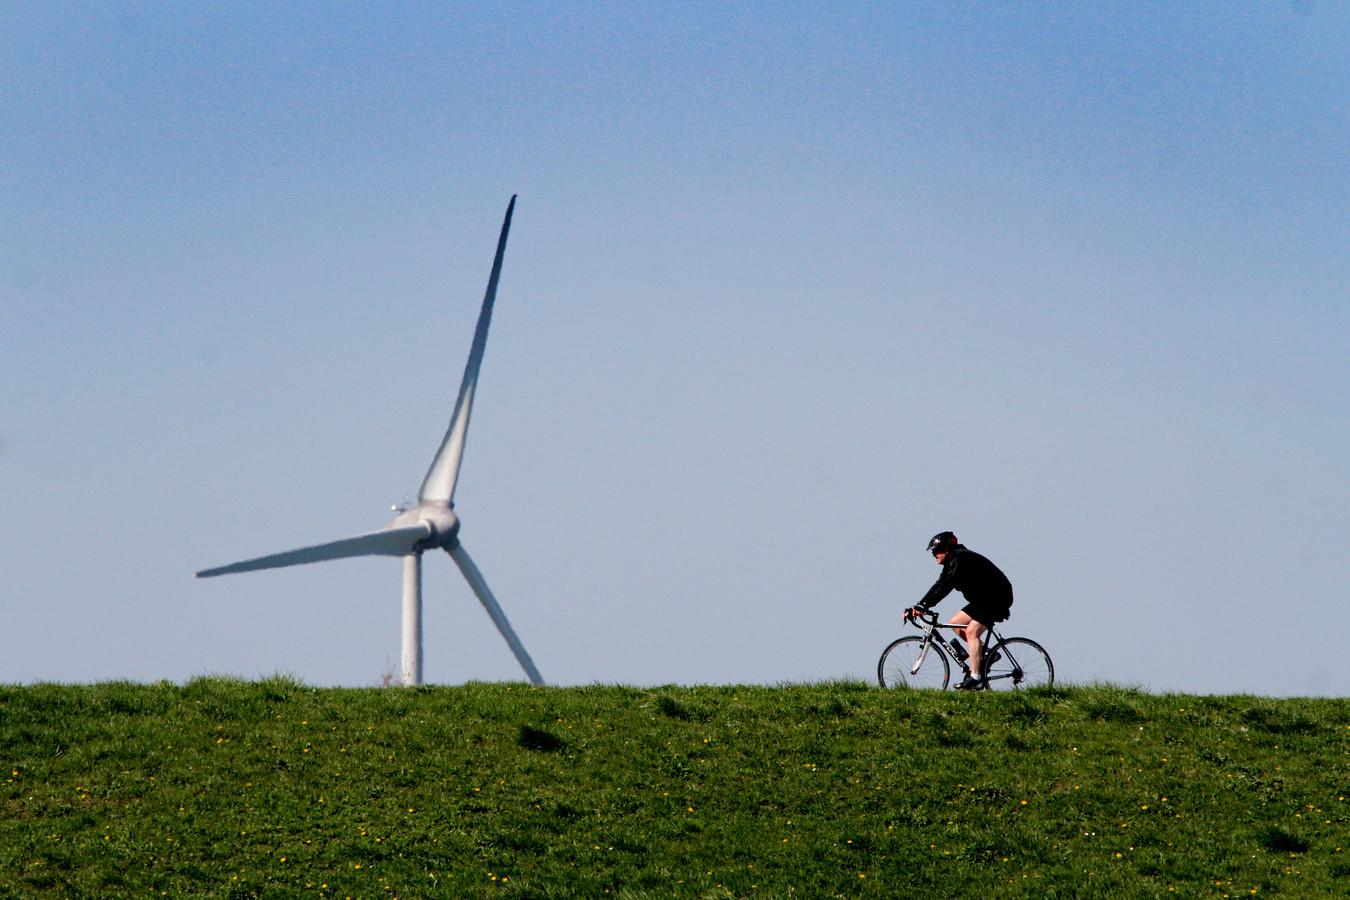 Tijdens de webinar wordt verteld waarom onder meer bij bedrijventerrein Avelingen naar windenergie wordt gekeken. Foto ter illustratie.